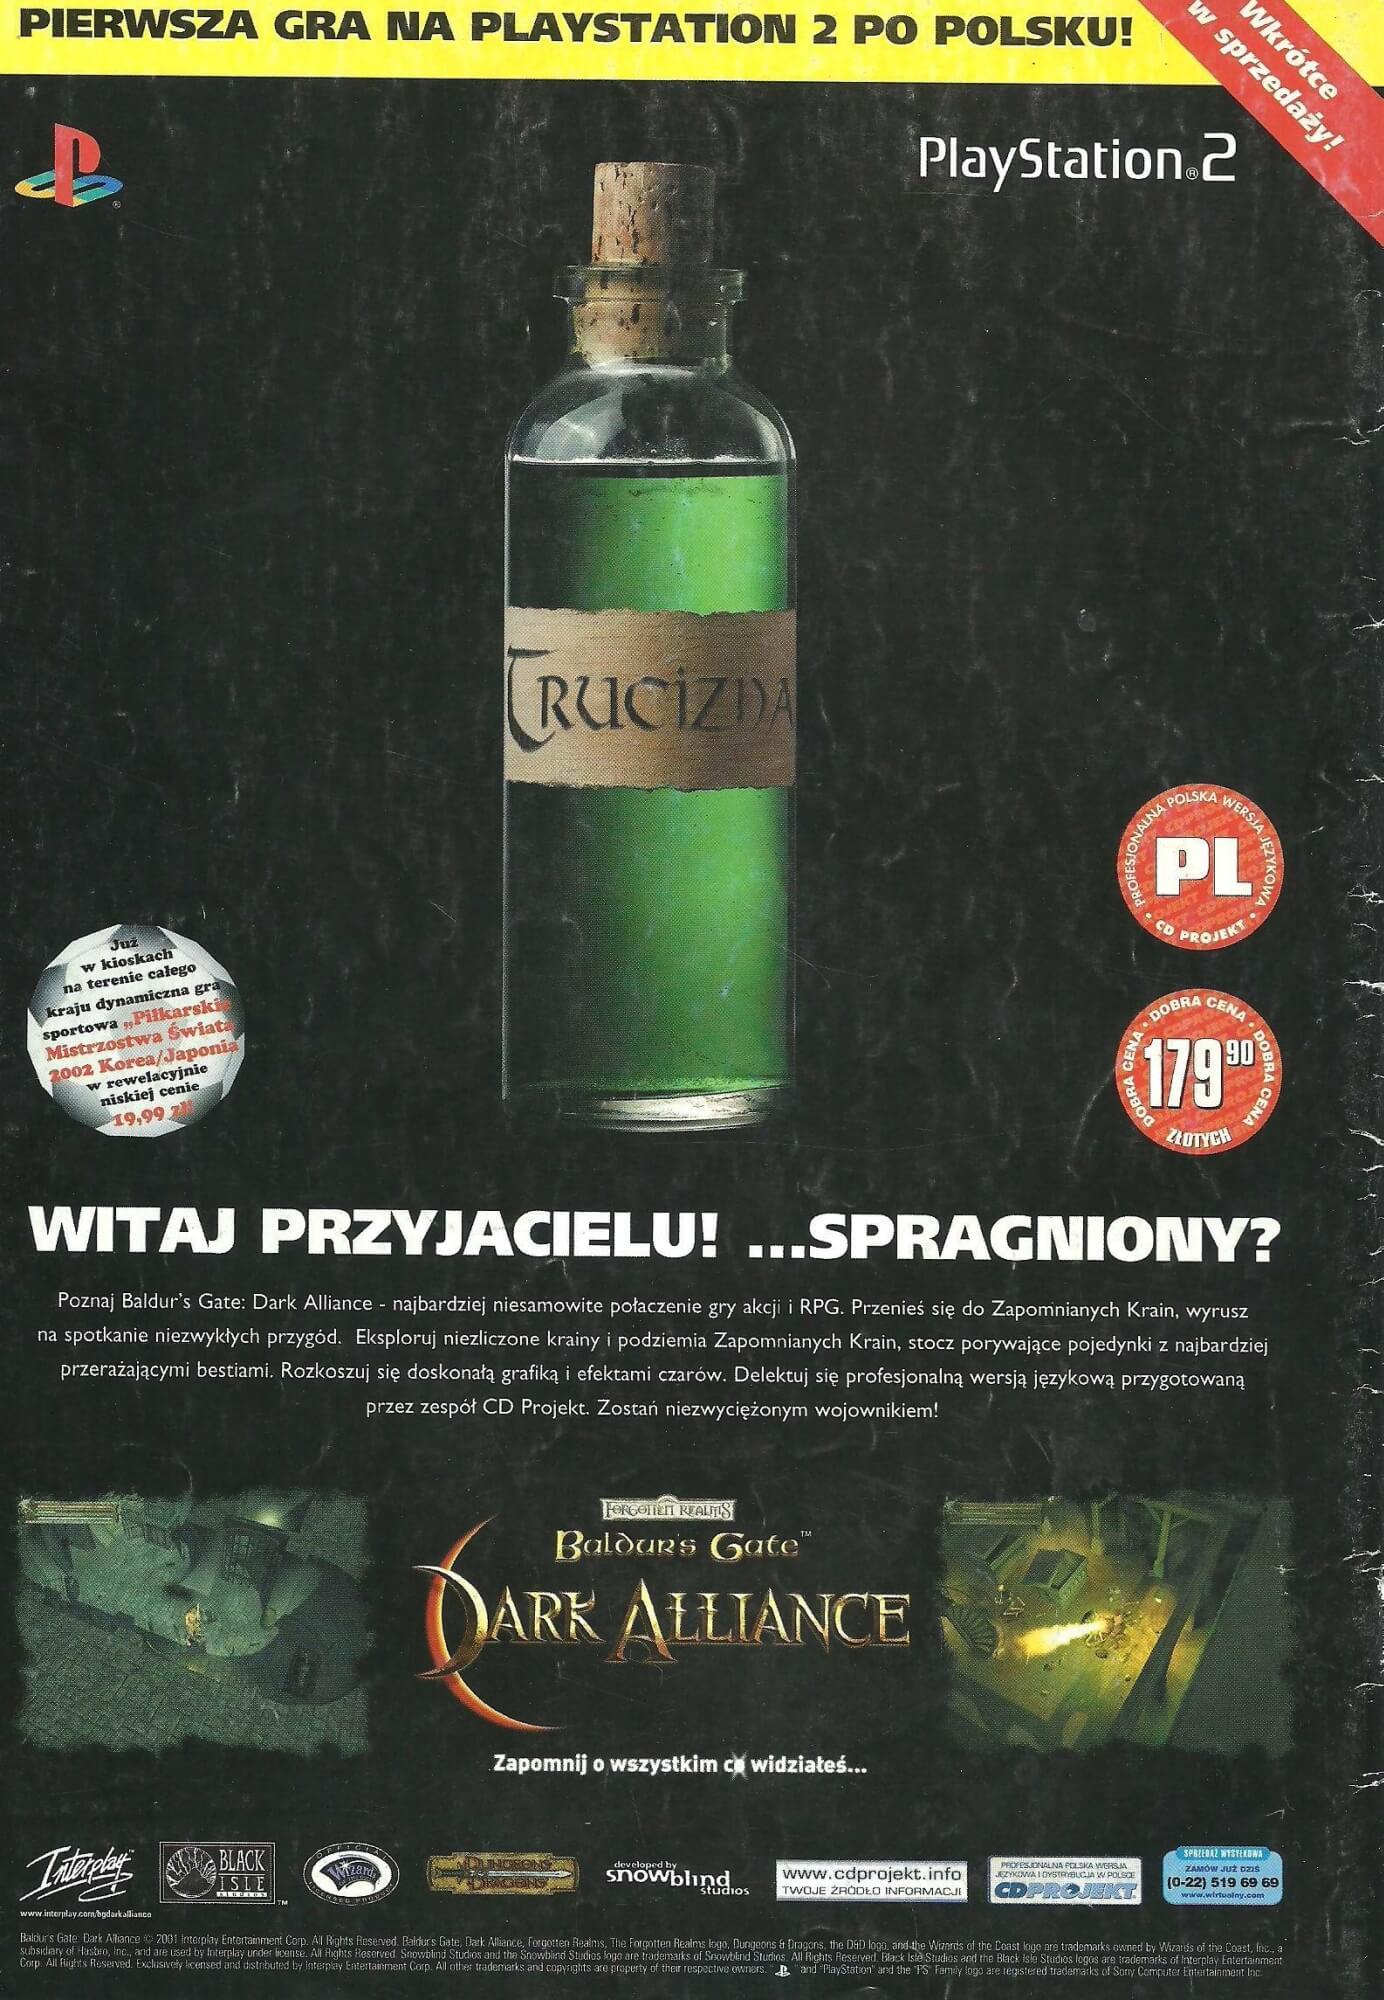 baldurs gate pl ps2 2 - Historia CD Projekt i ich pierwszej, niedoszłej gry po polsku na PS2